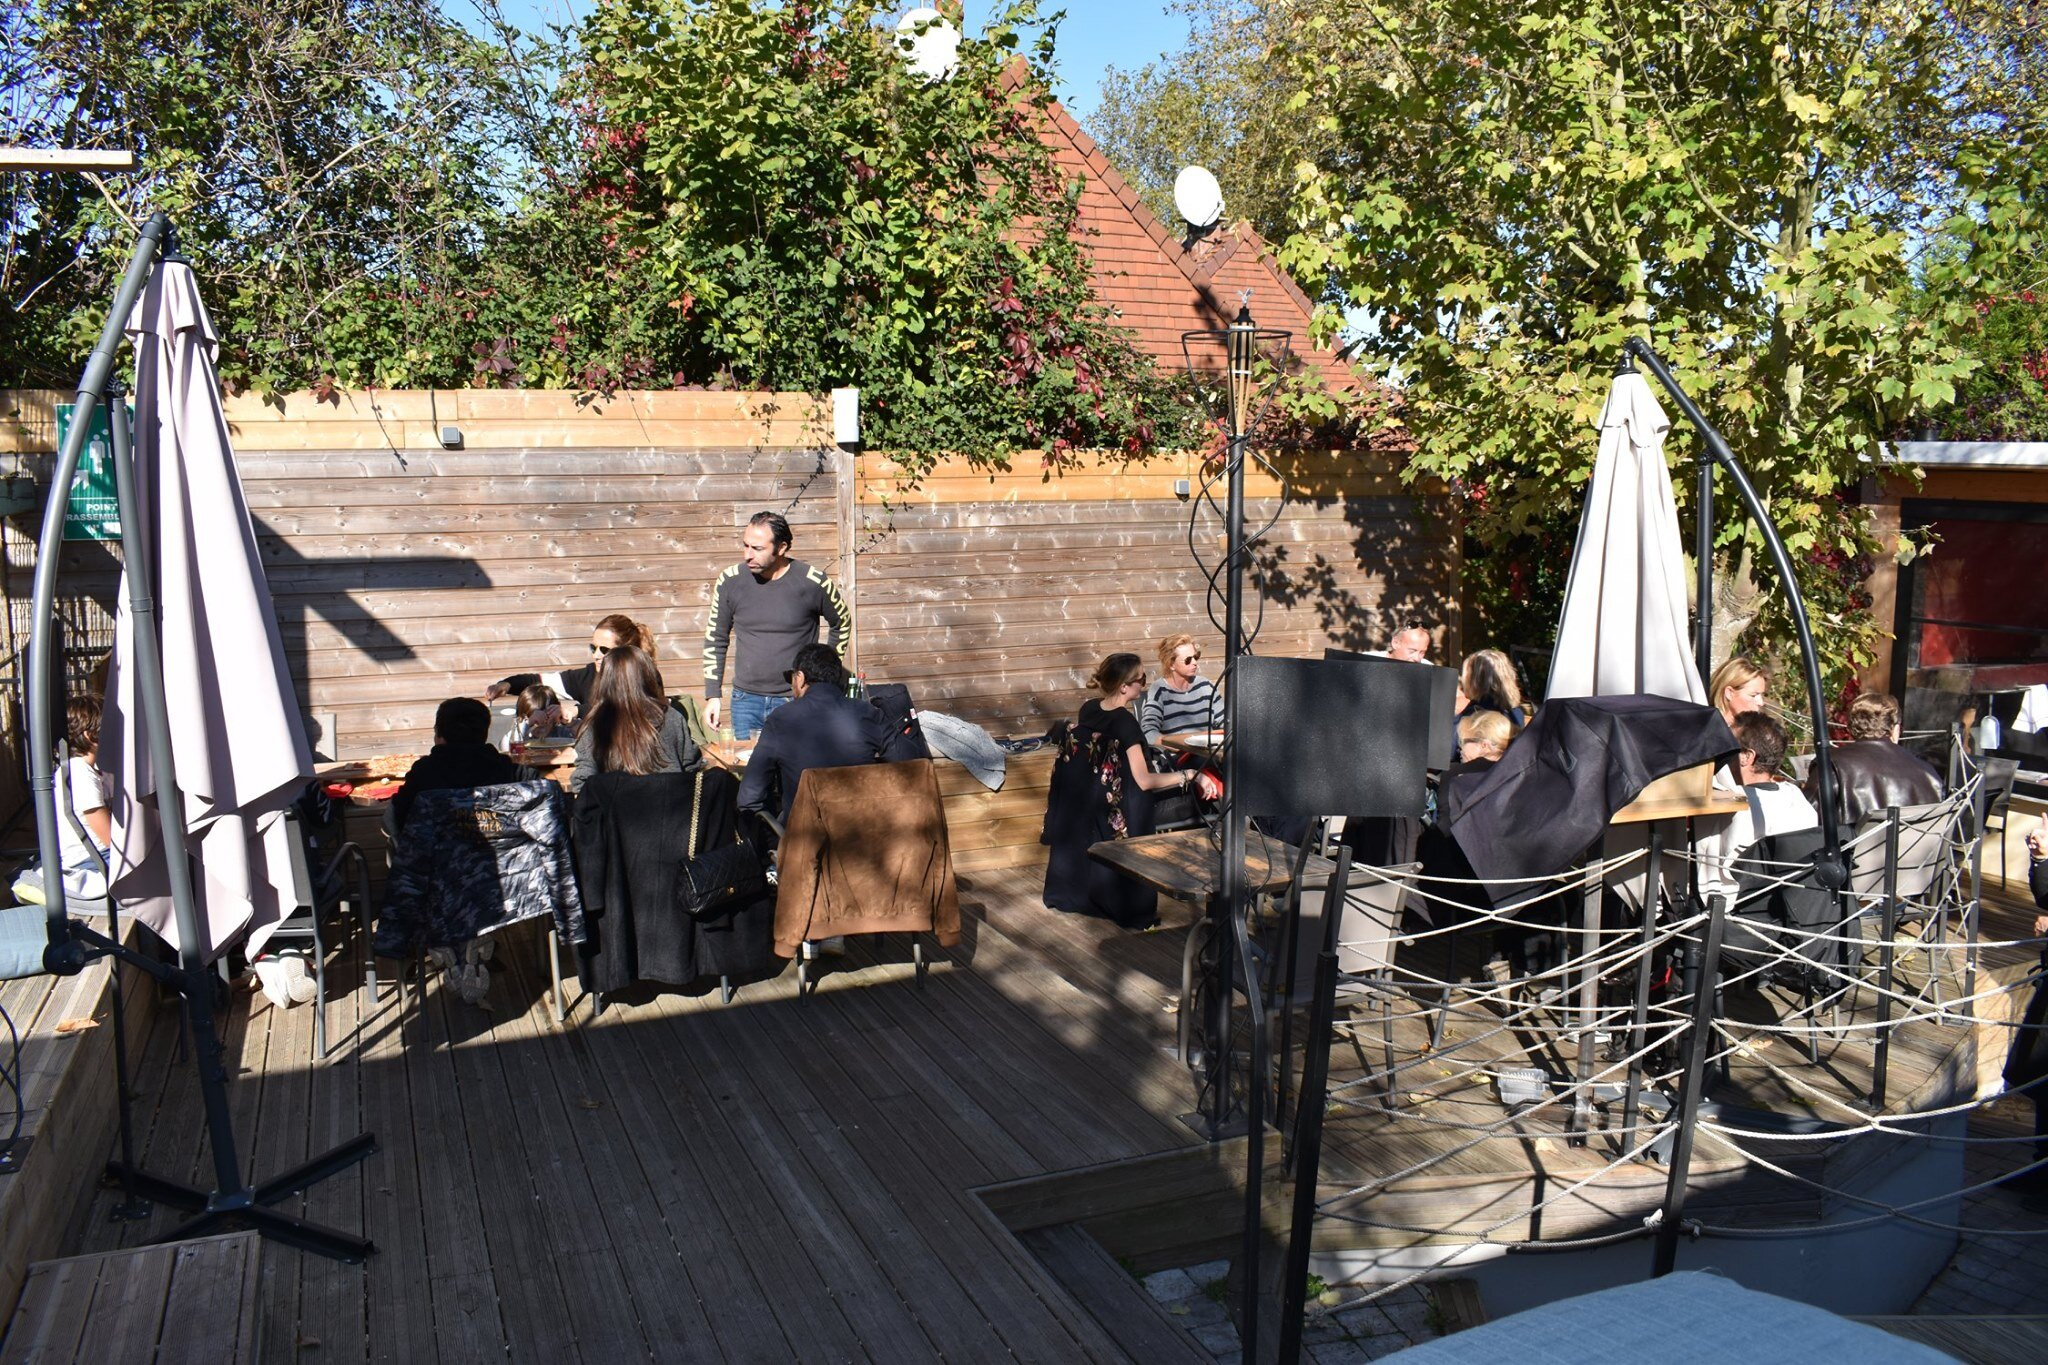 La terrazza sul retro del ristorante.